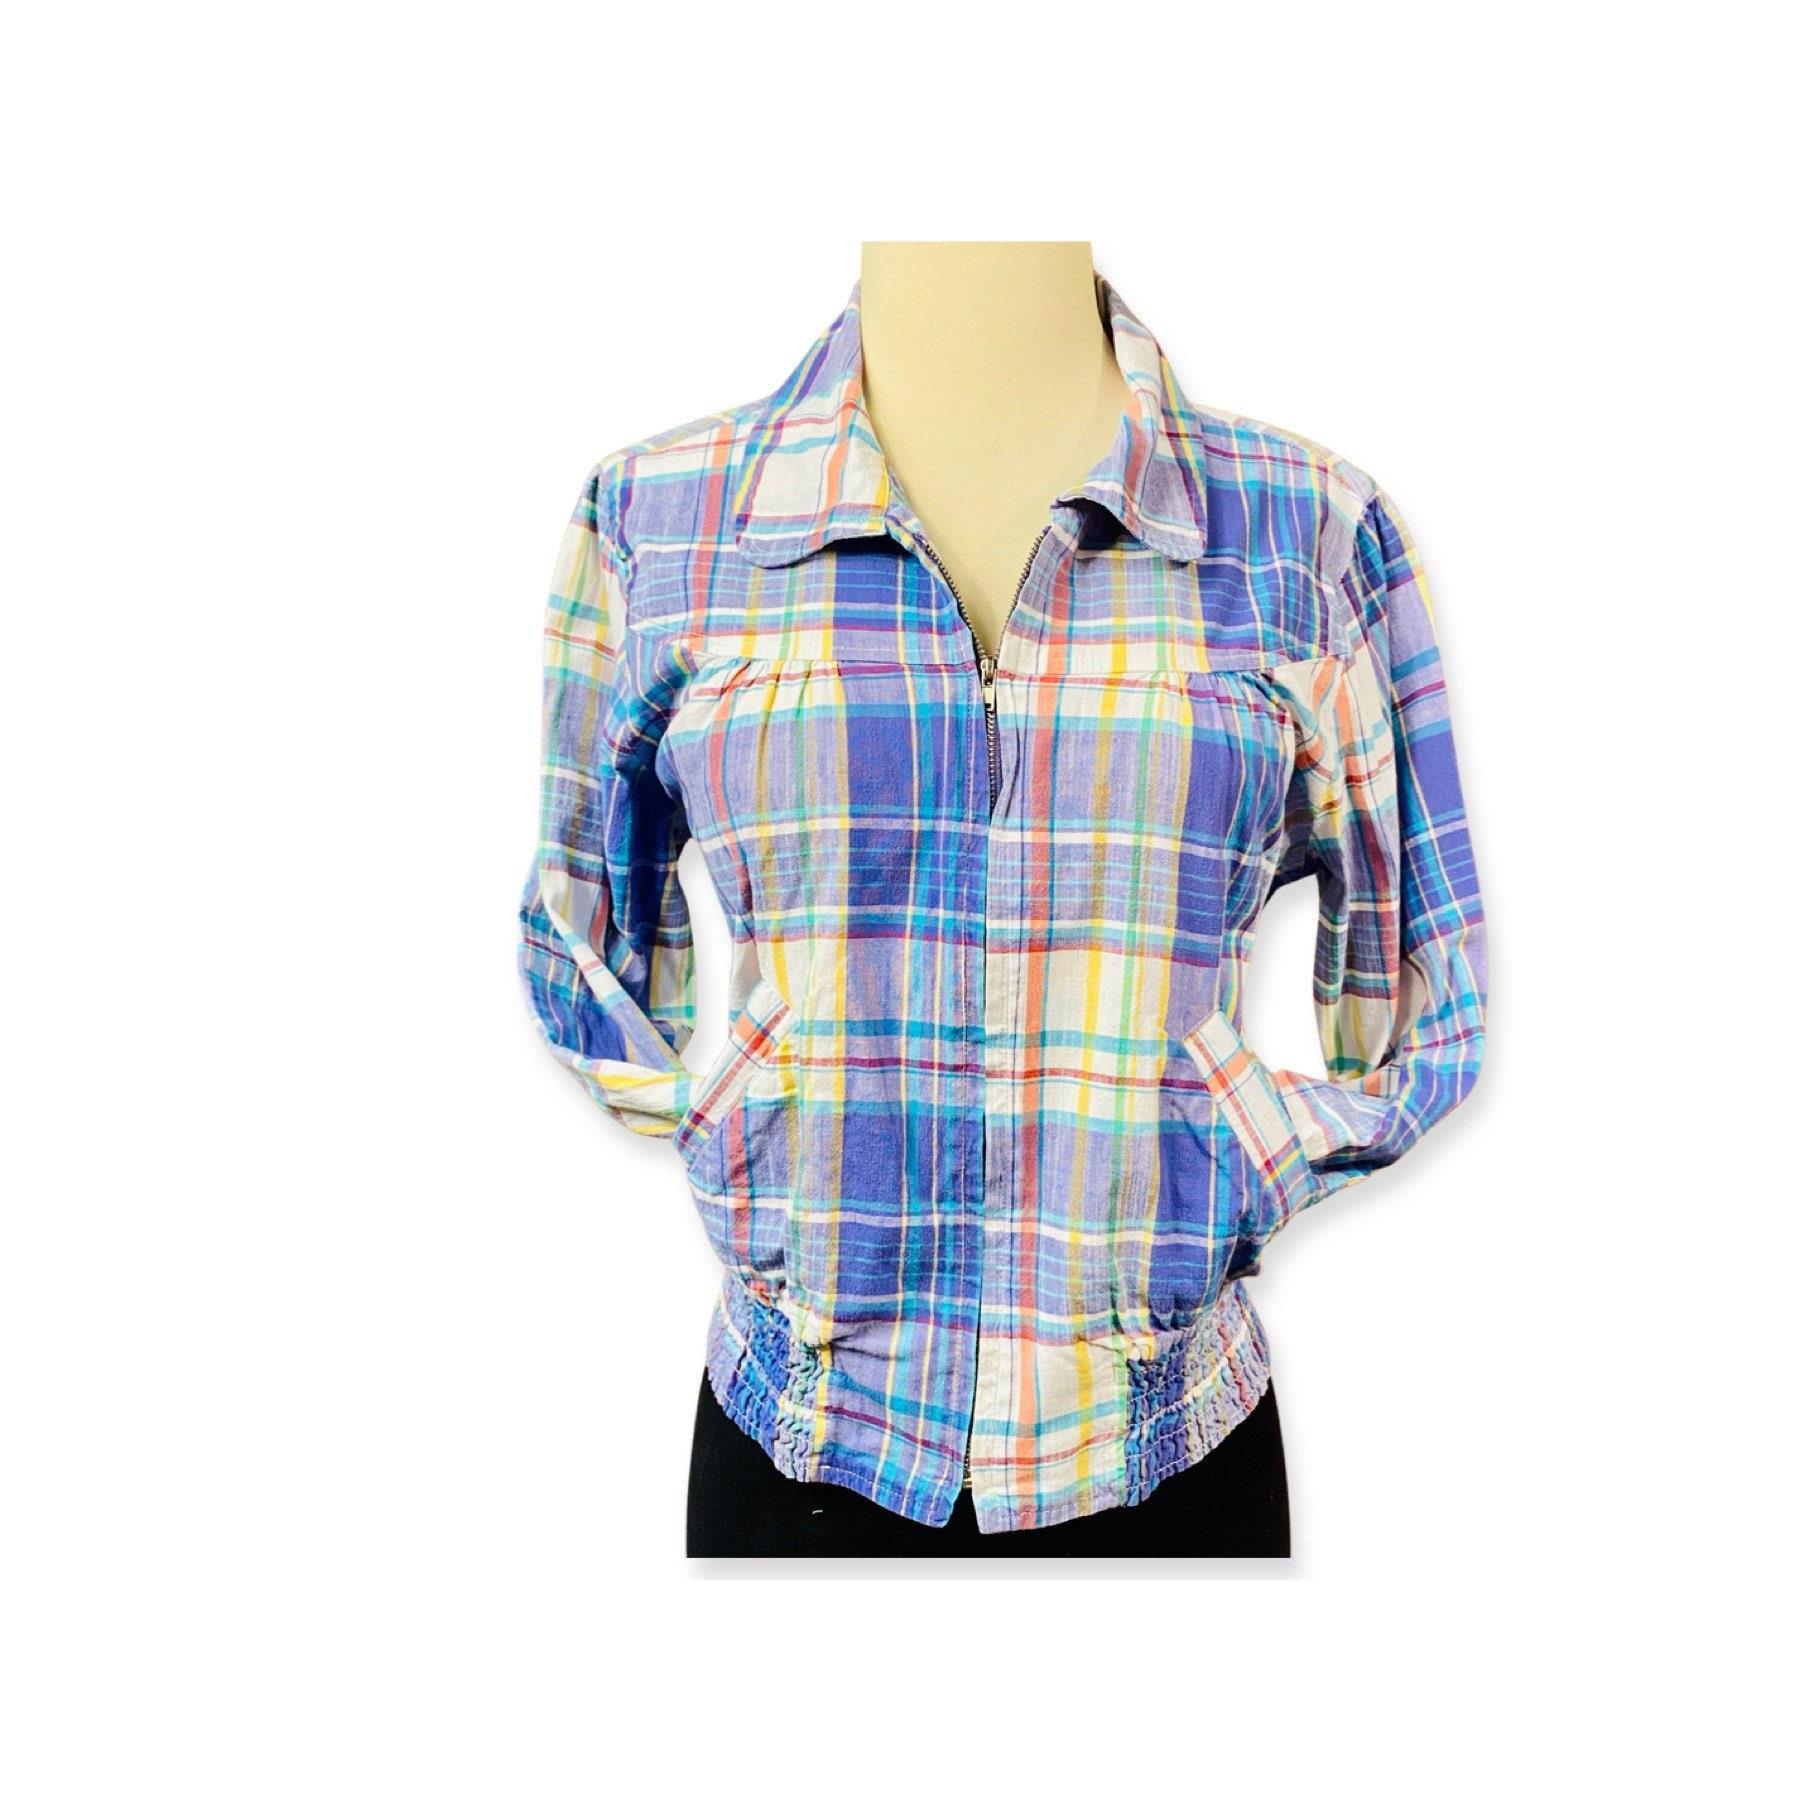 80s Dresses | Casual to Party Dresses Vintage 1980S Pastel Plaid Cropped Cotton Jacket, Super Cute Cropped Plaid 80S Cotton Jacket Zip Up Top W Pockets $44.00 AT vintagedancer.com